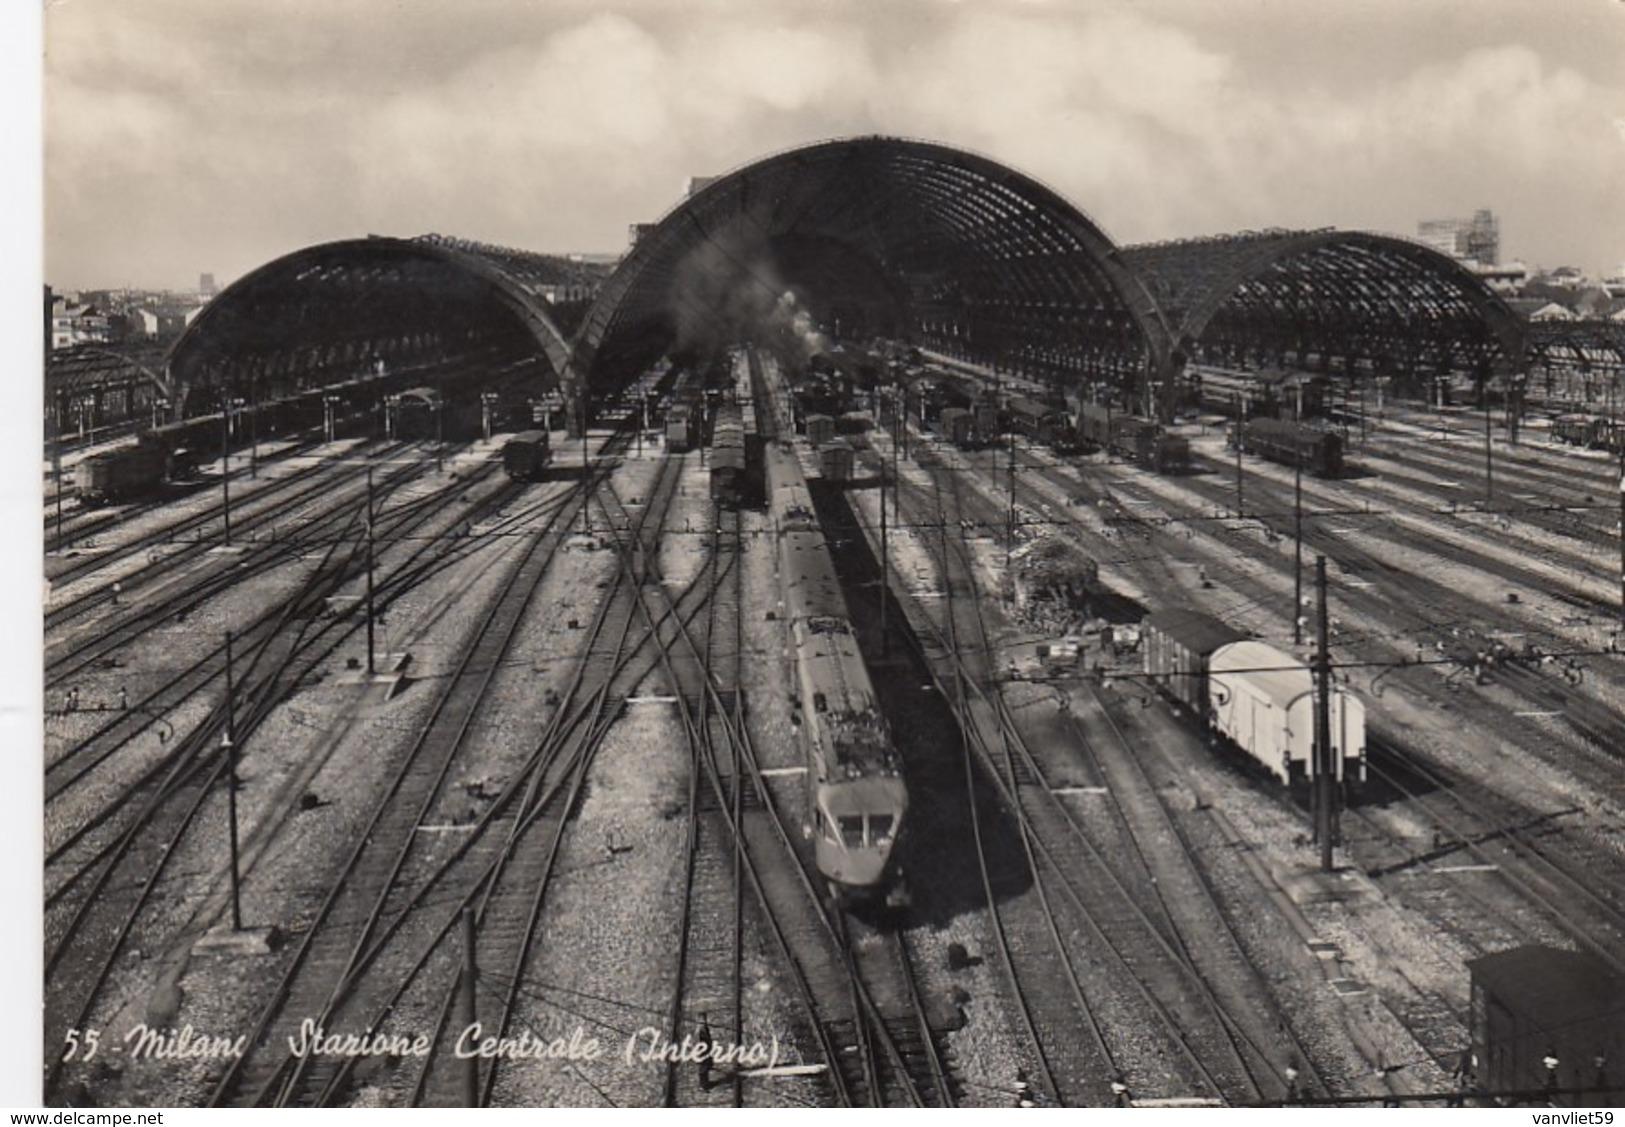 MILANO-STAZIONE CENTRALE(INTERNO)- TRENO IN PARTENZA-CARTOLINA VERA FOTOGRAFIA-VIAGGIATA IL 1-10-1953 - Milano